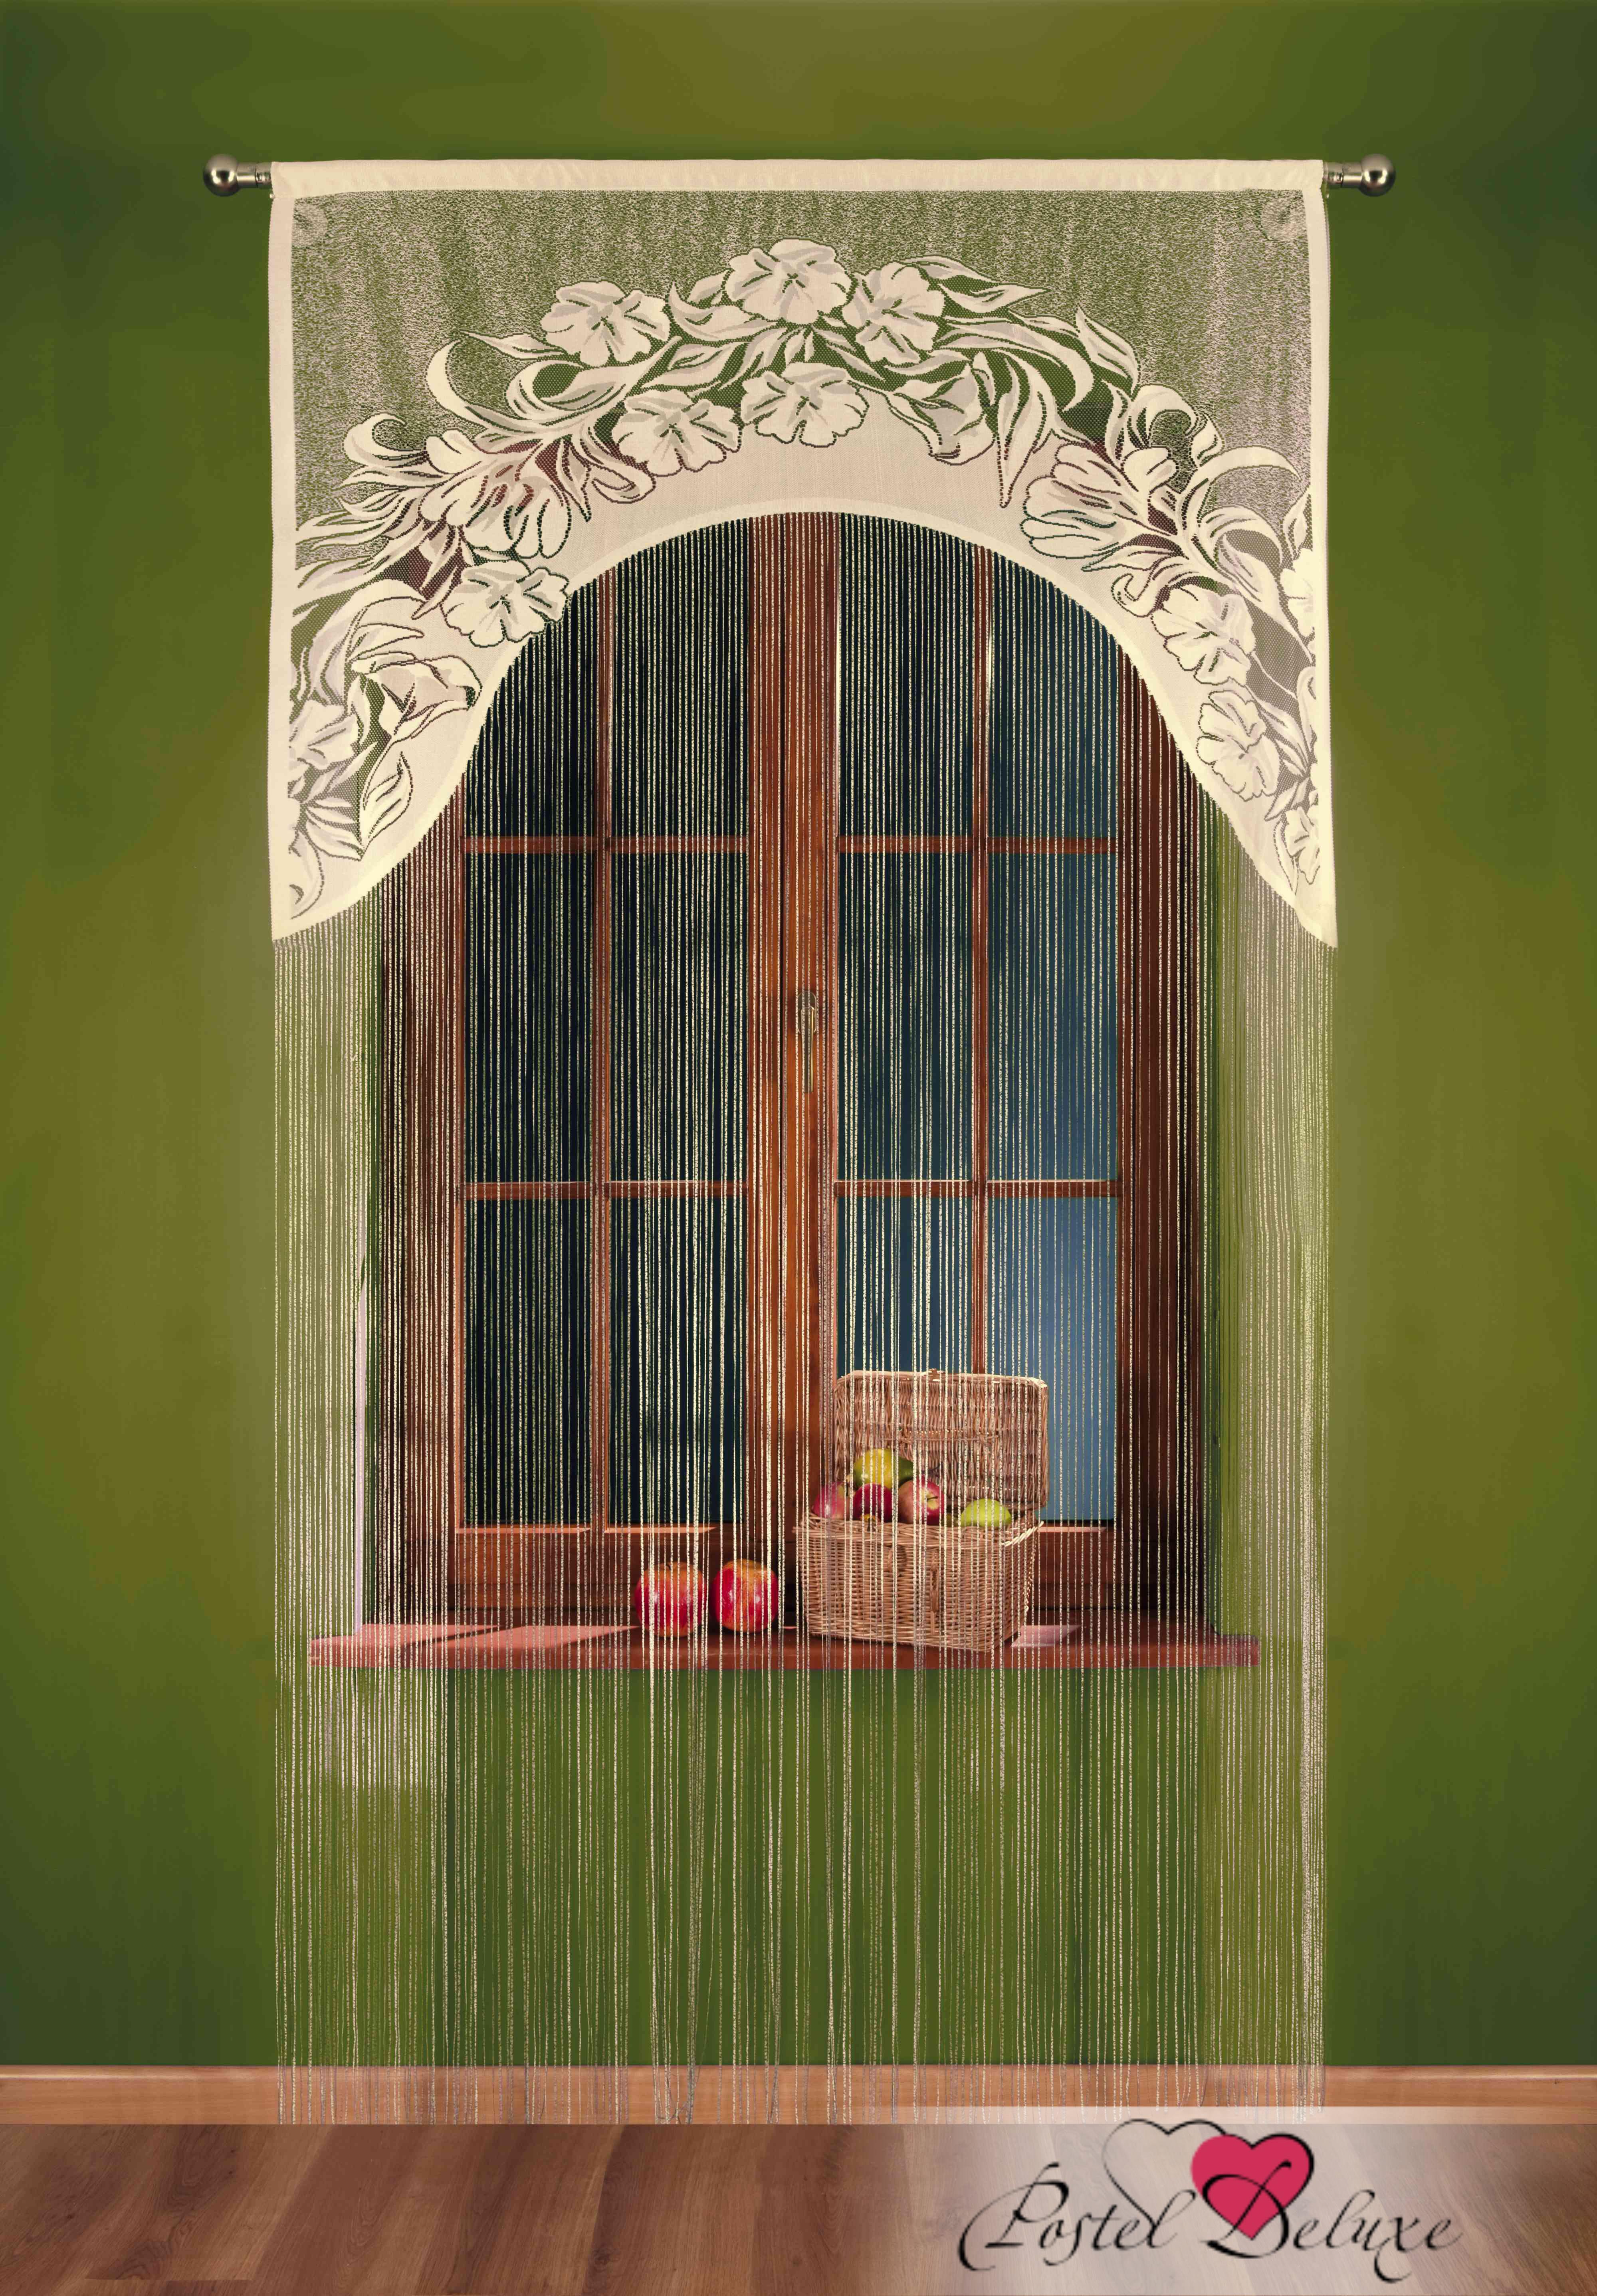 Шторы Wisan Нитяные шторыIvettaЦвет: Кремовый wisan wisan классические шторы melicent цвет кремовый